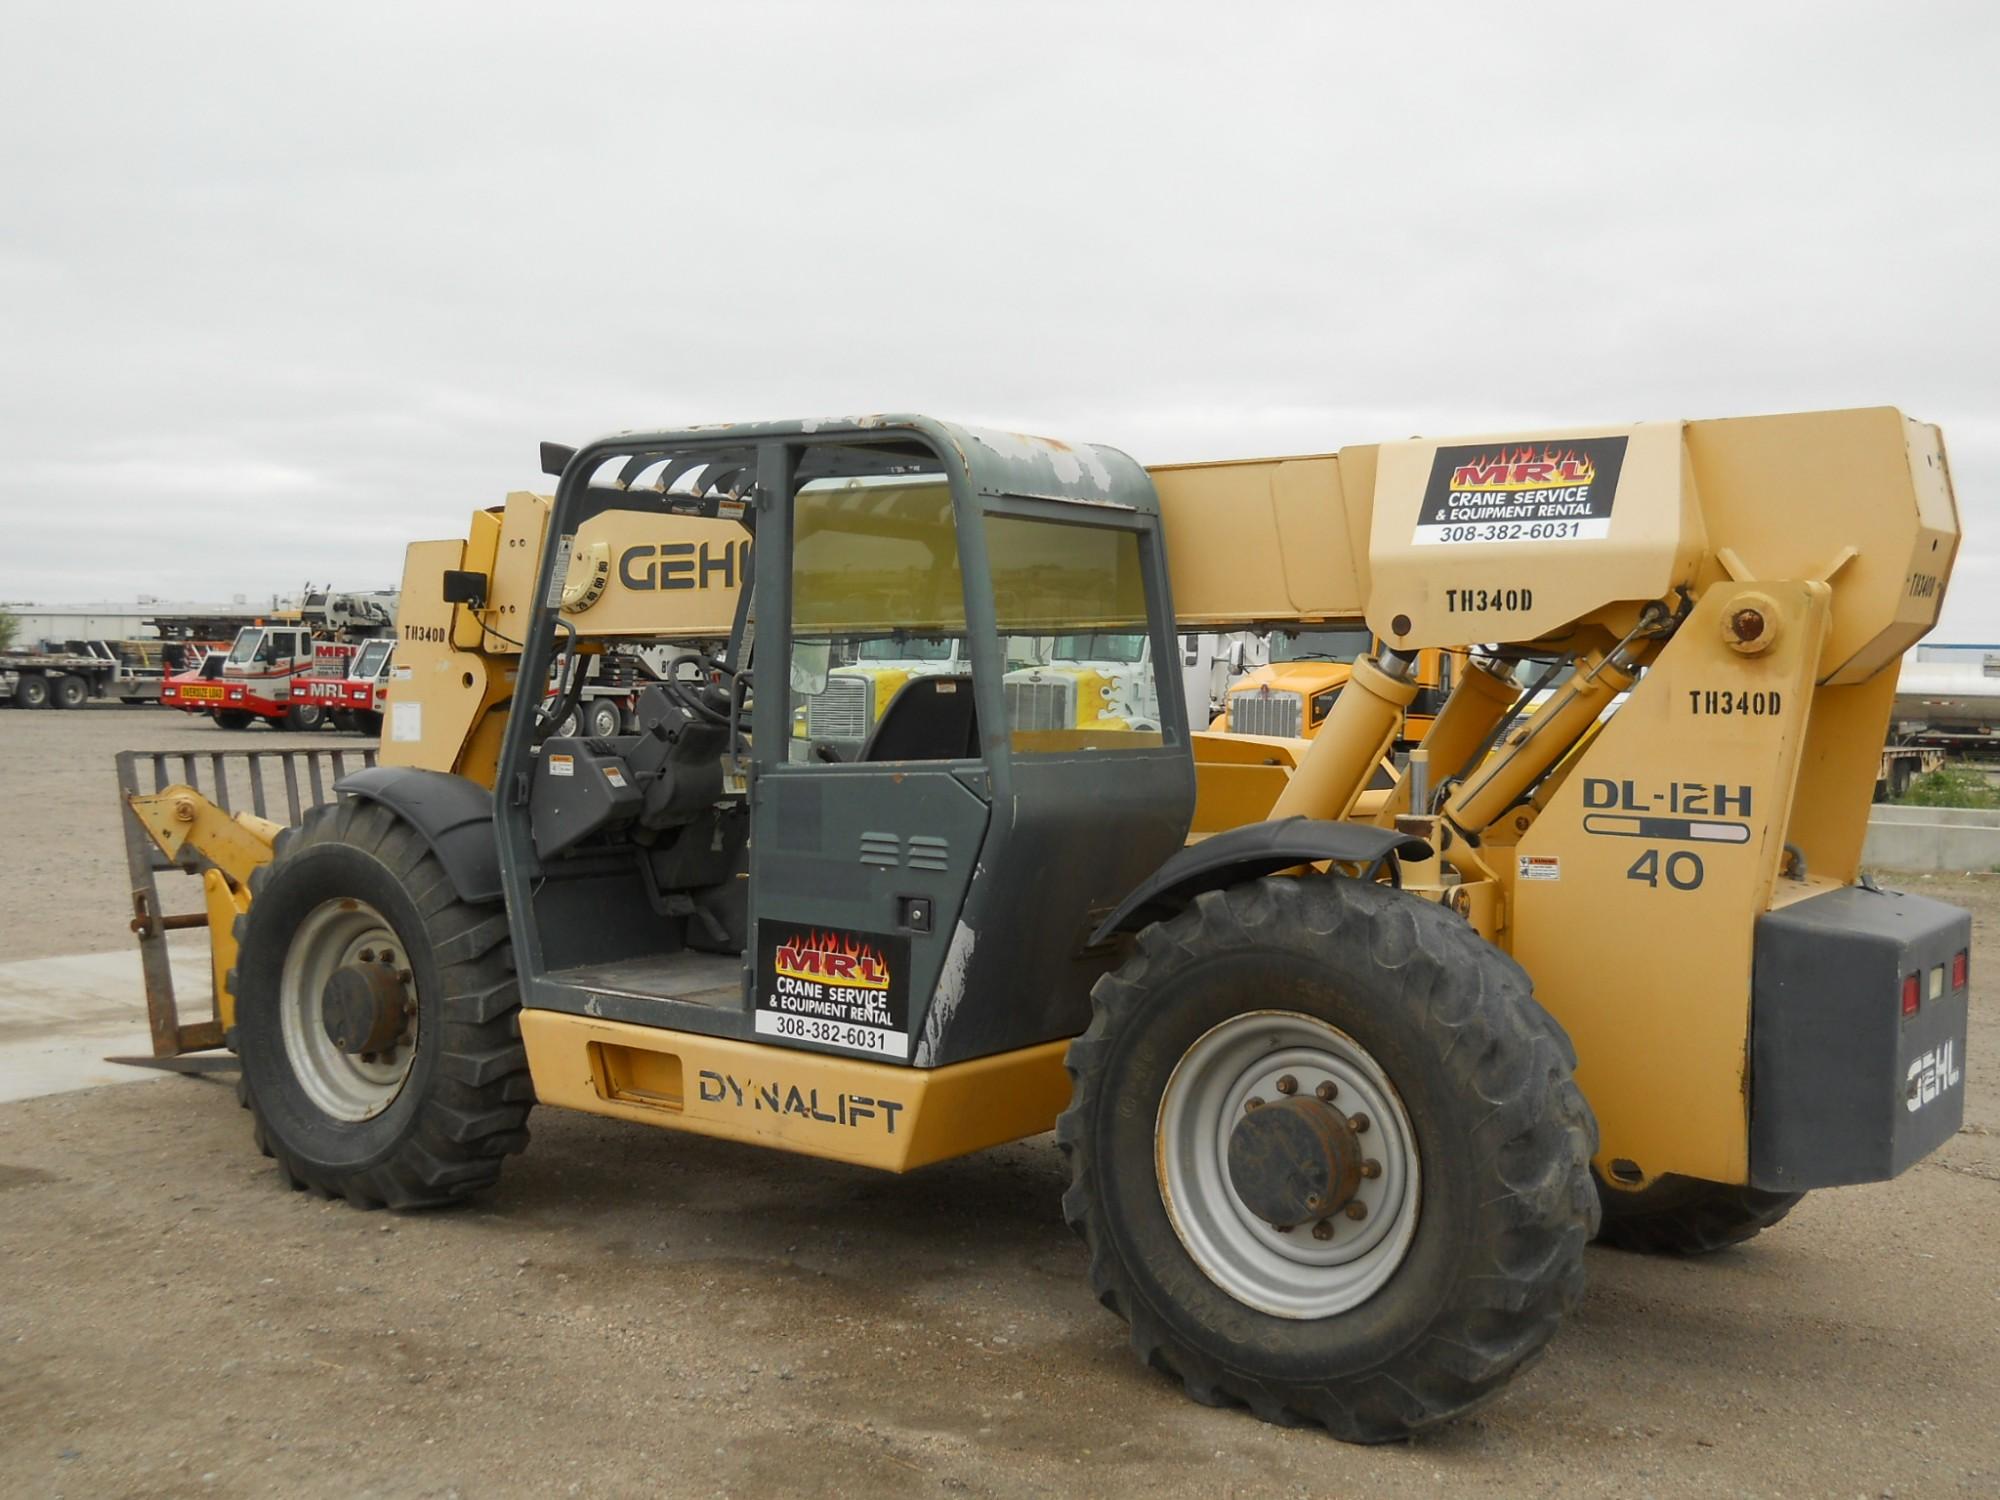 12K Telehandler 40' lift height - MRL Crane Service